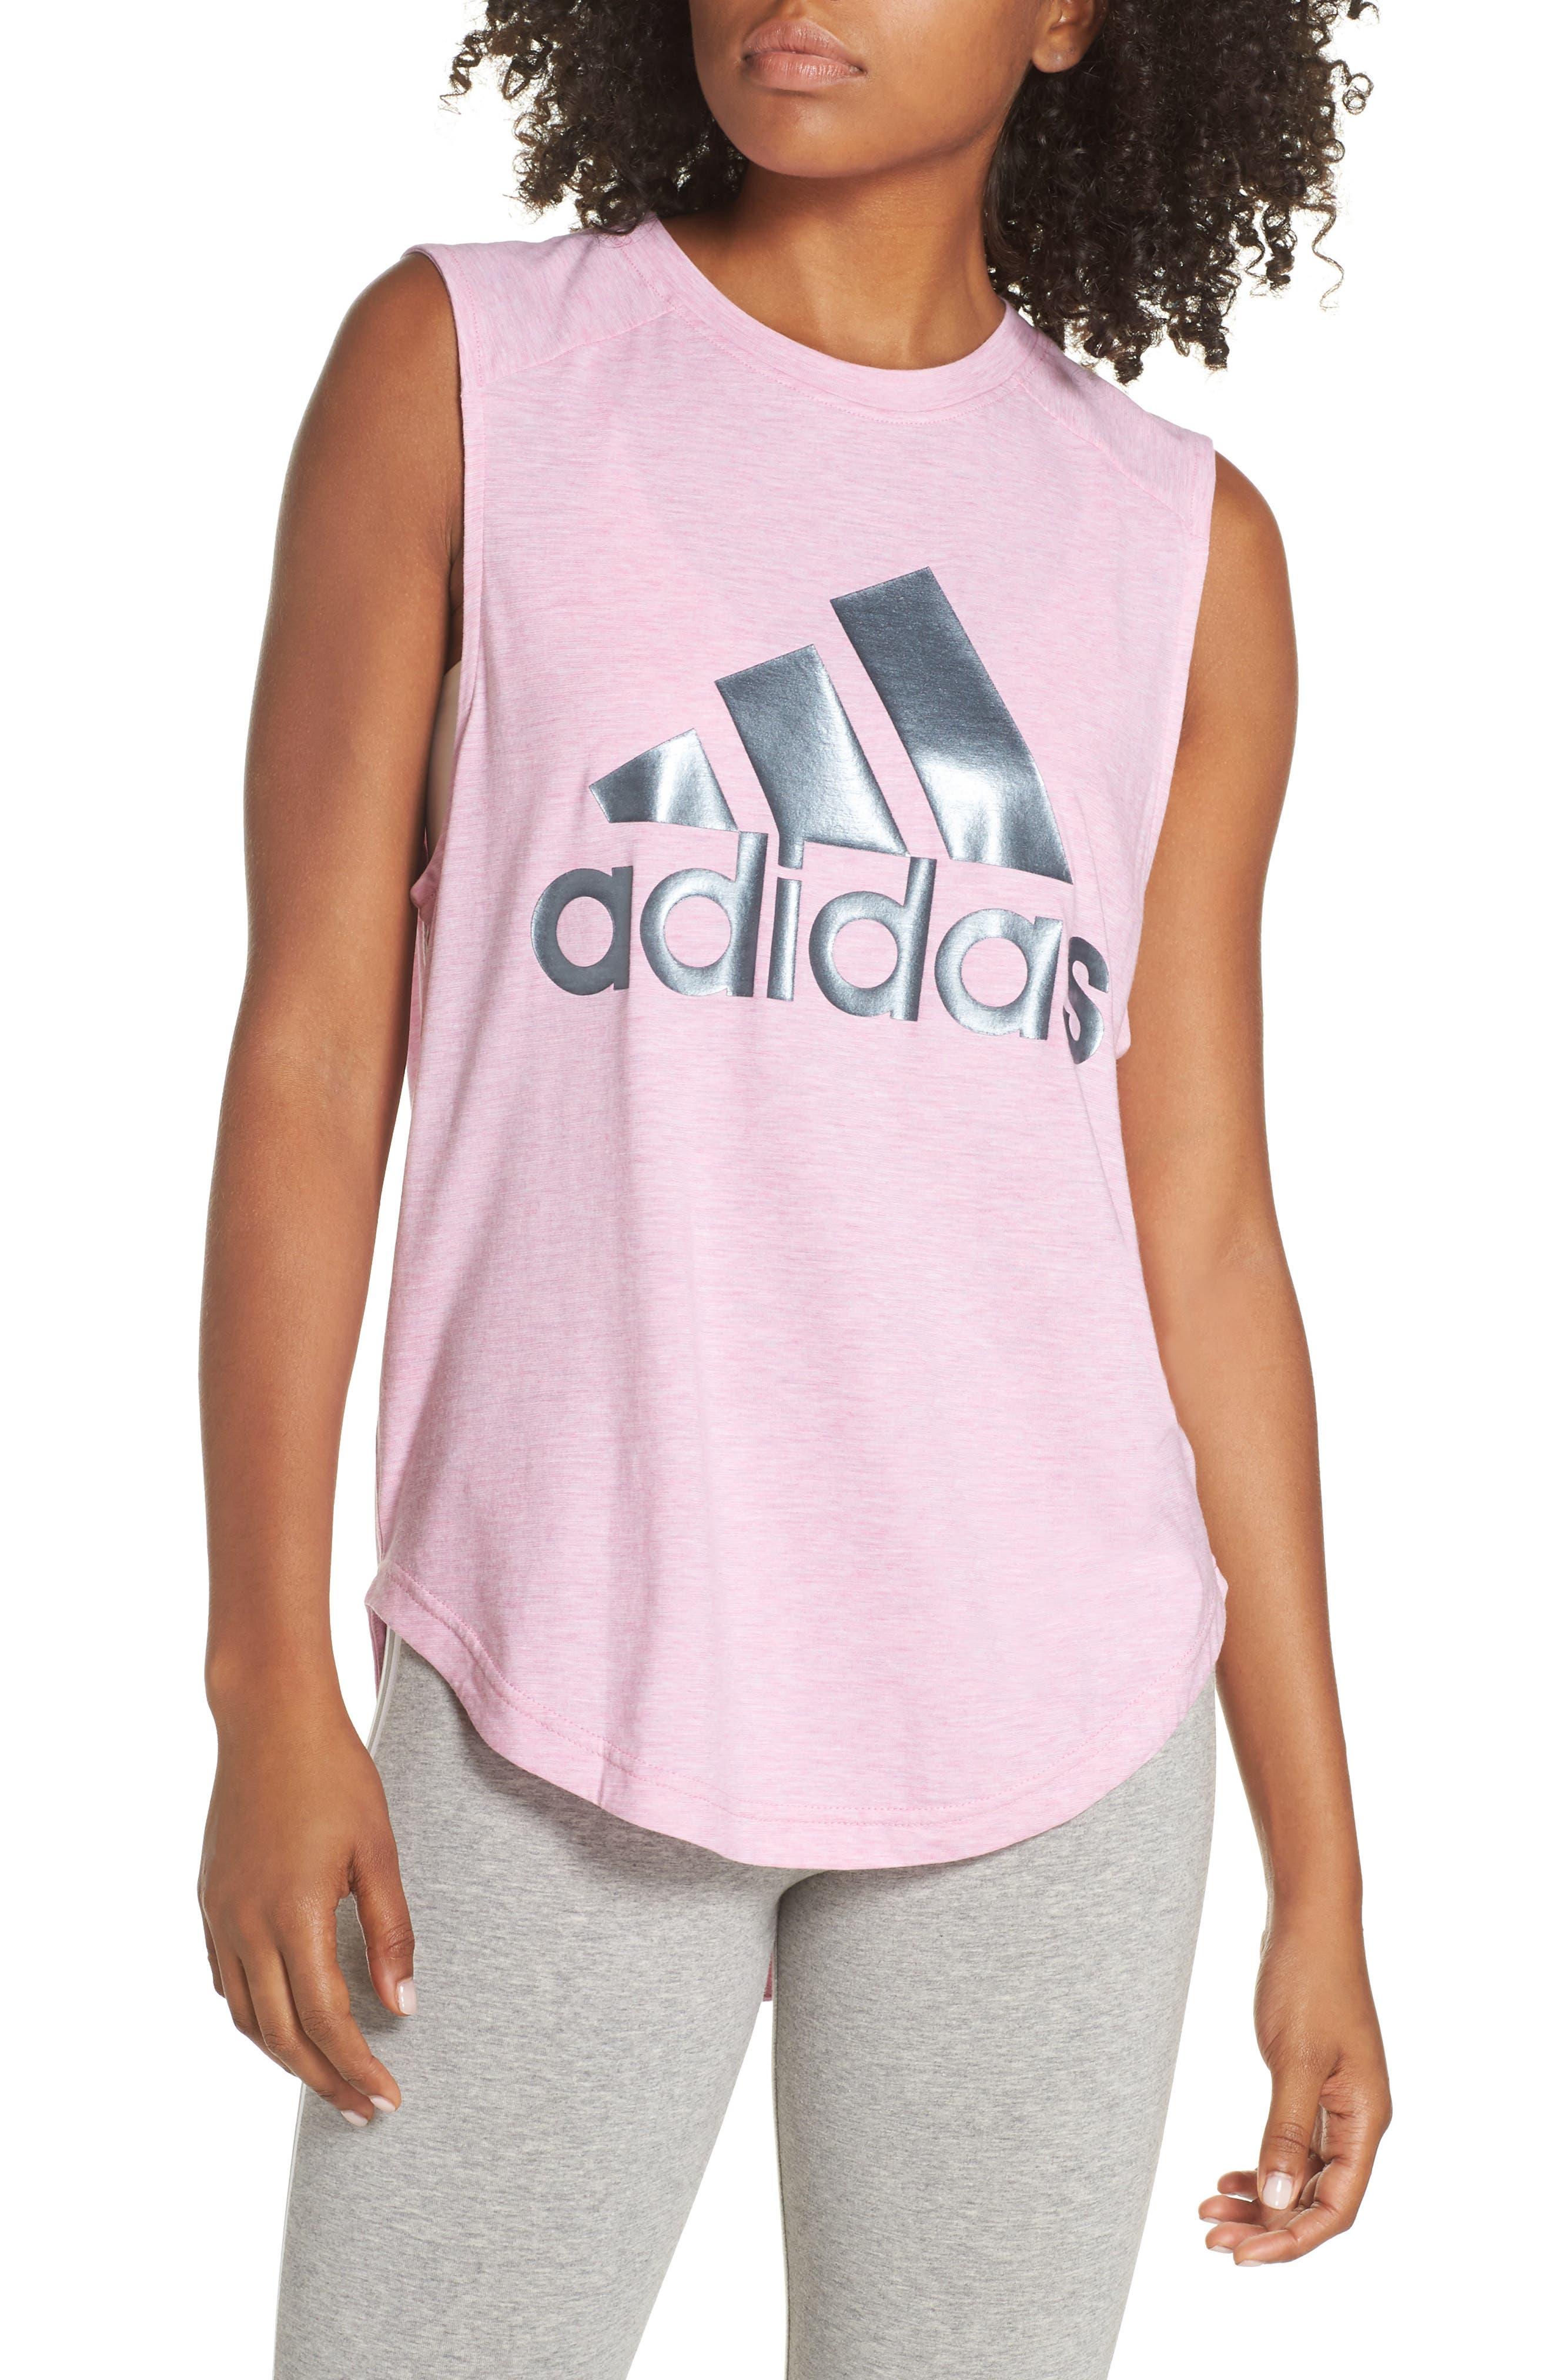 4e4299e3763320 Women s Adidas Tops